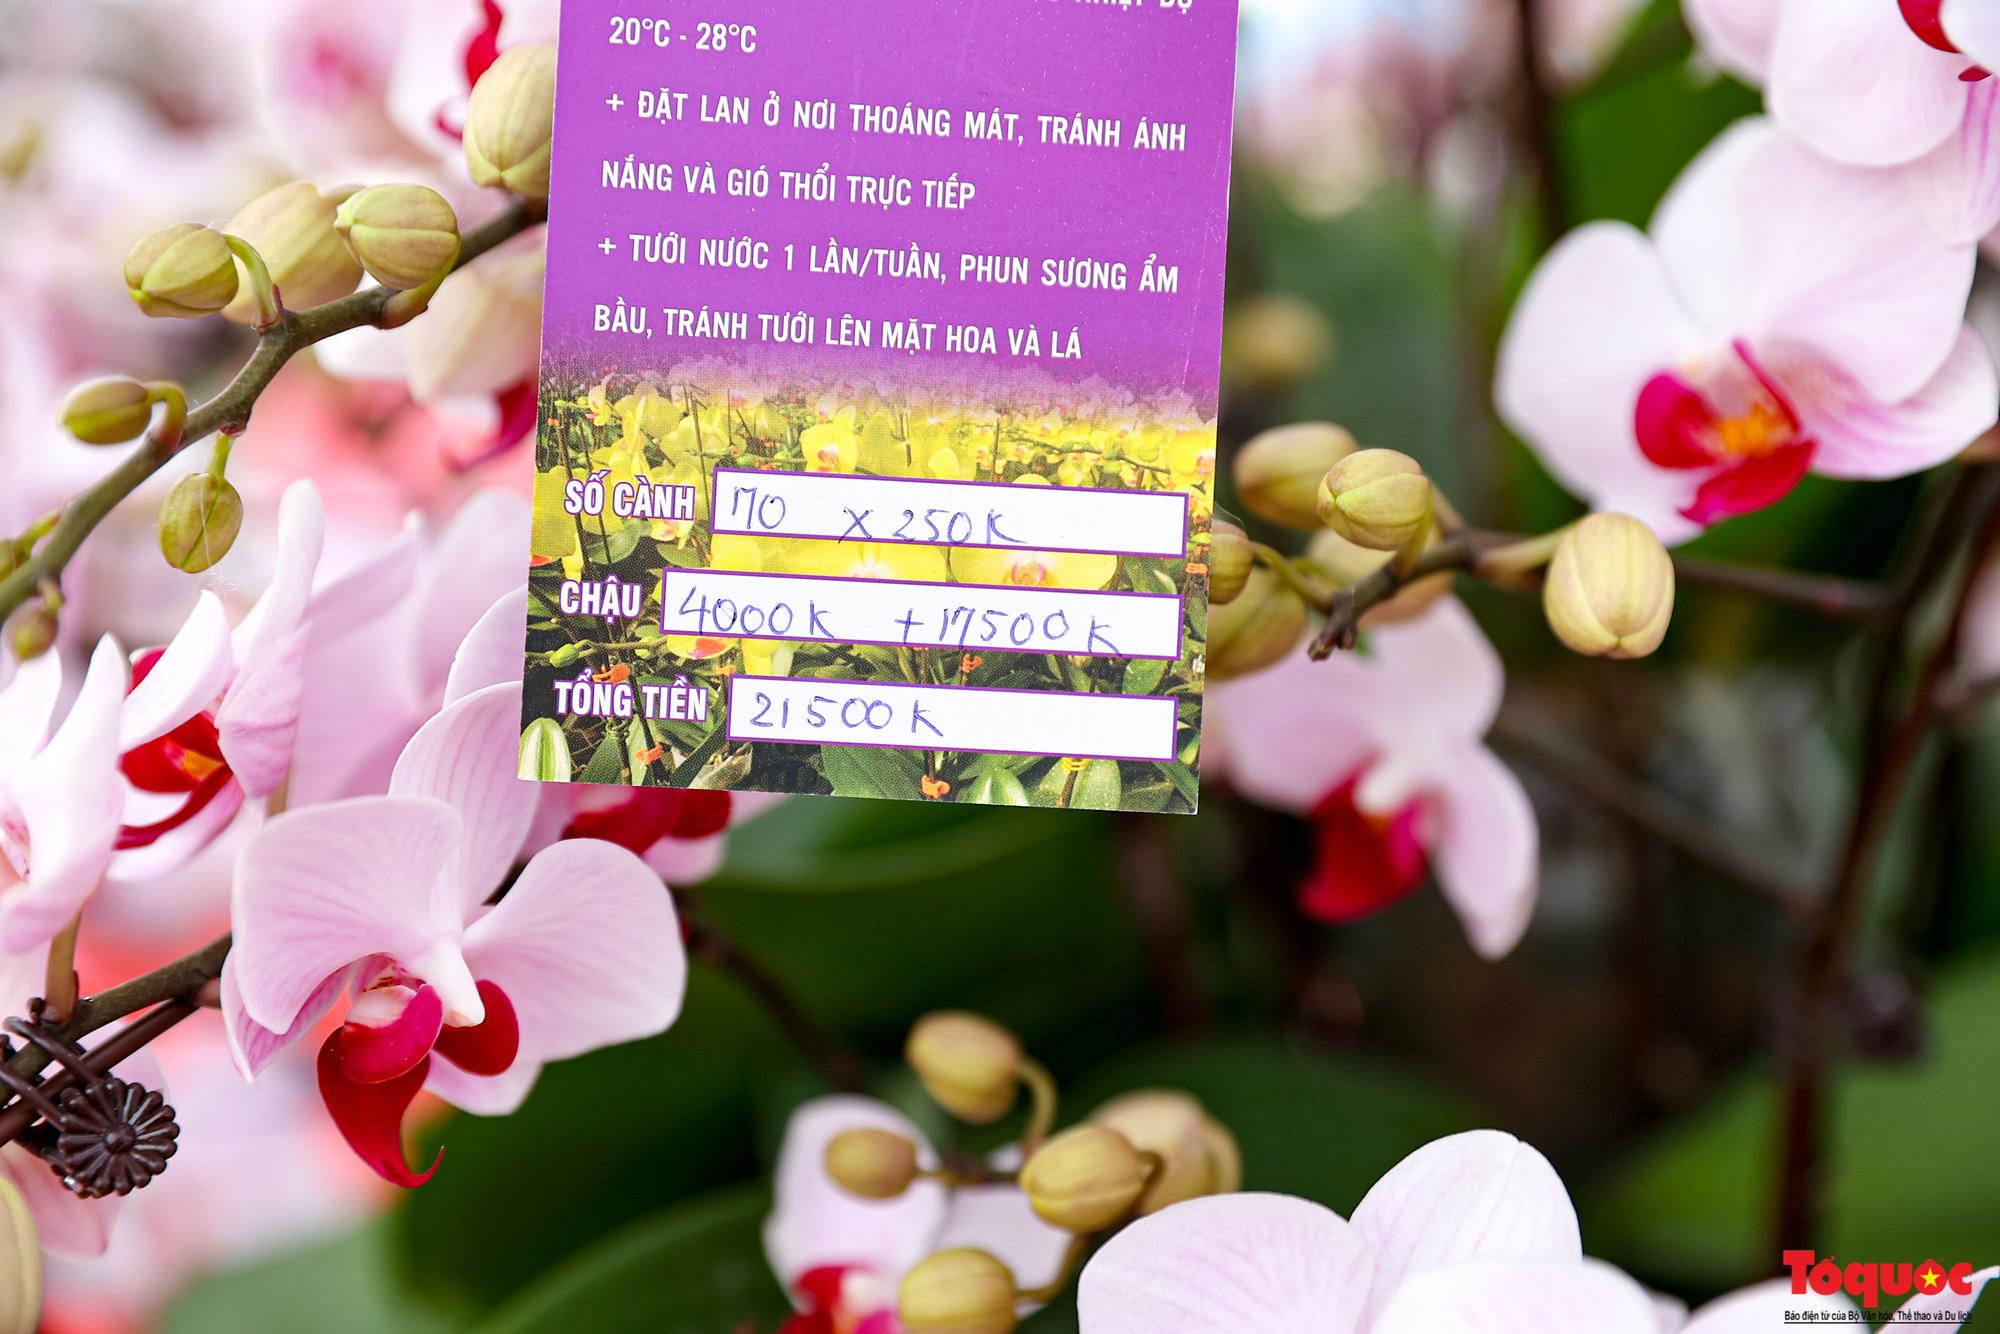 Lan Hồ Điệp giá hàng trăm triệu xuất hiện tại Hà Nội phục vụ Tết Nguyên đán - Ảnh 8.